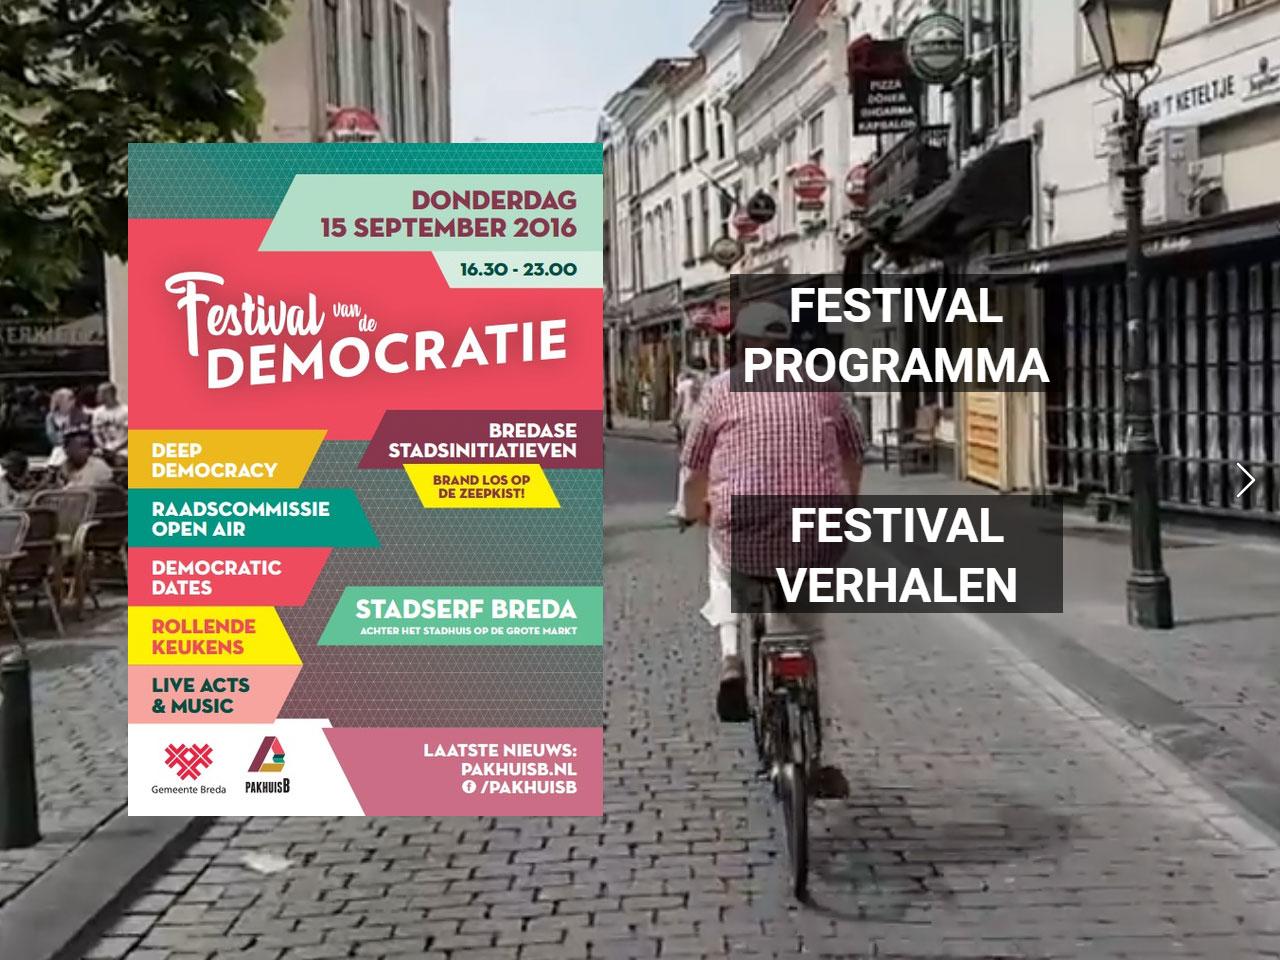 Festival van de Democratie